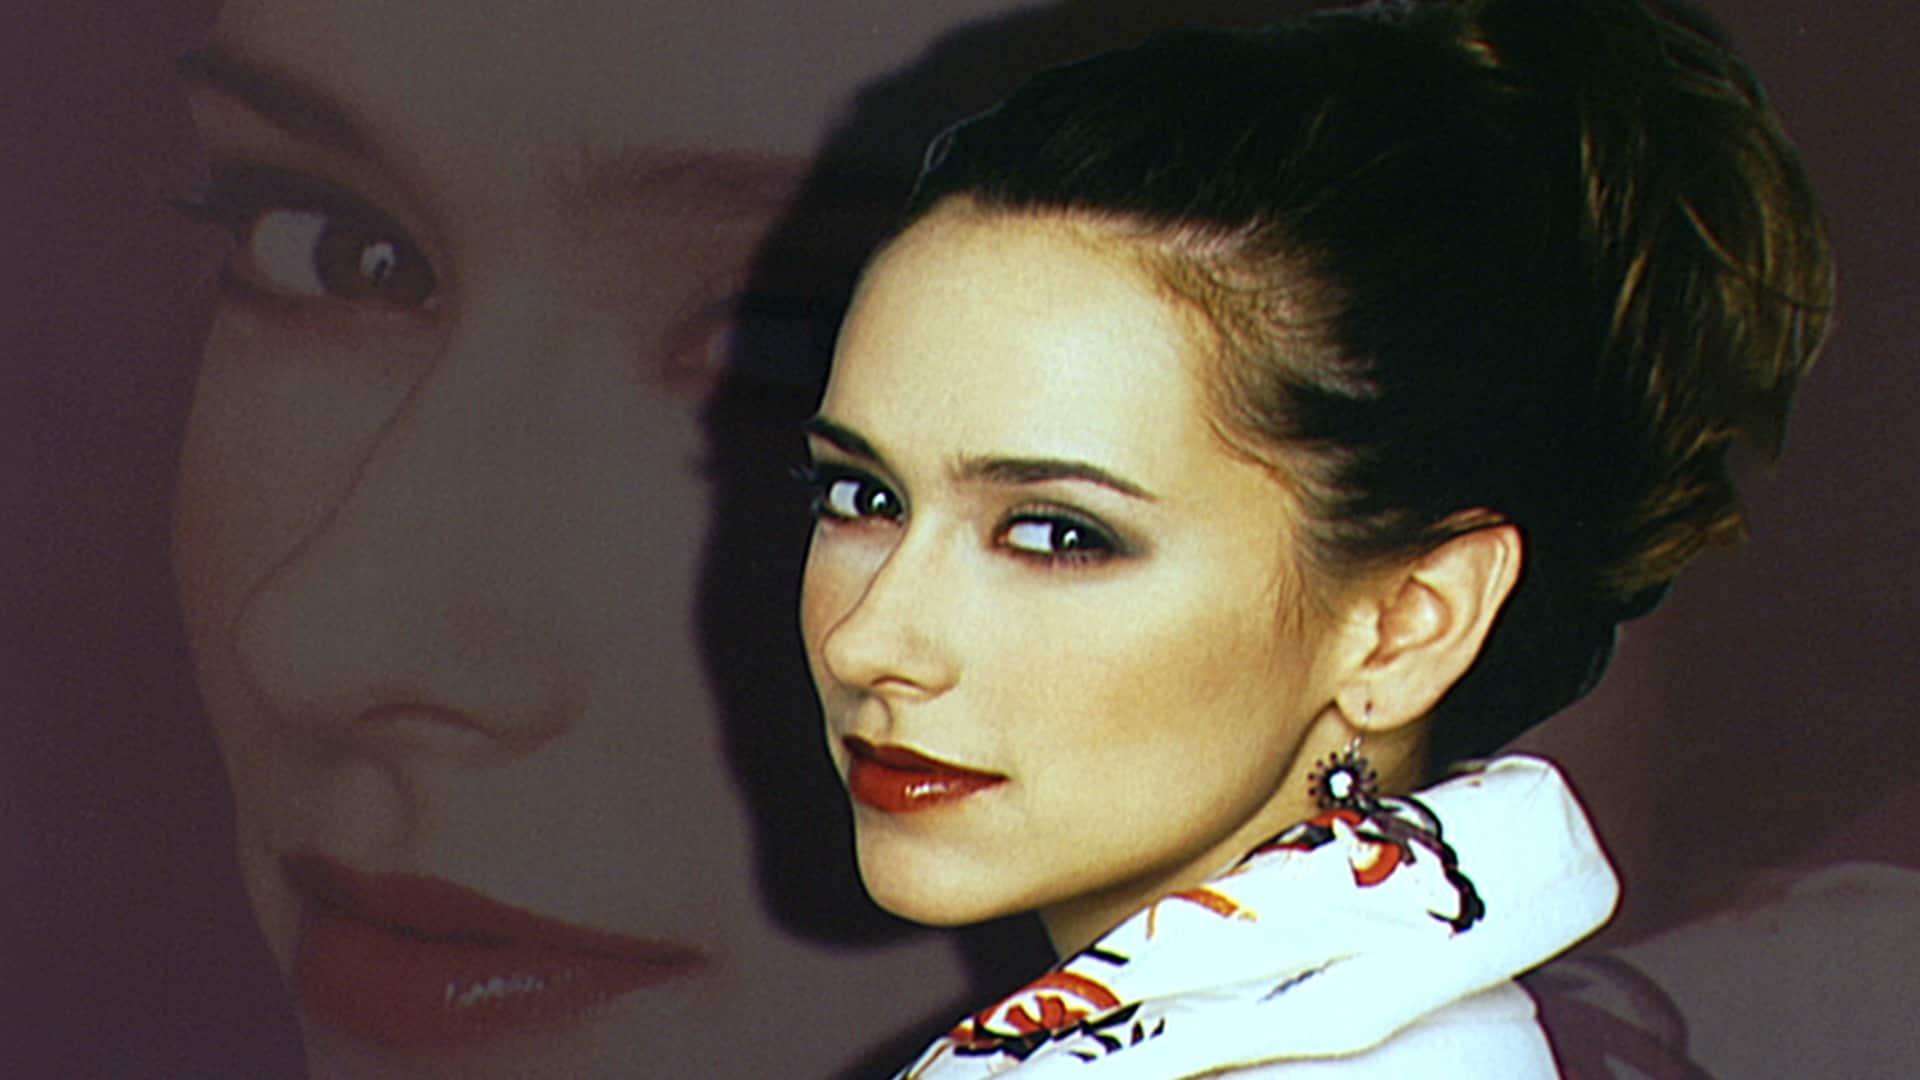 Jennifer Love Hewitt: November 21, 1998